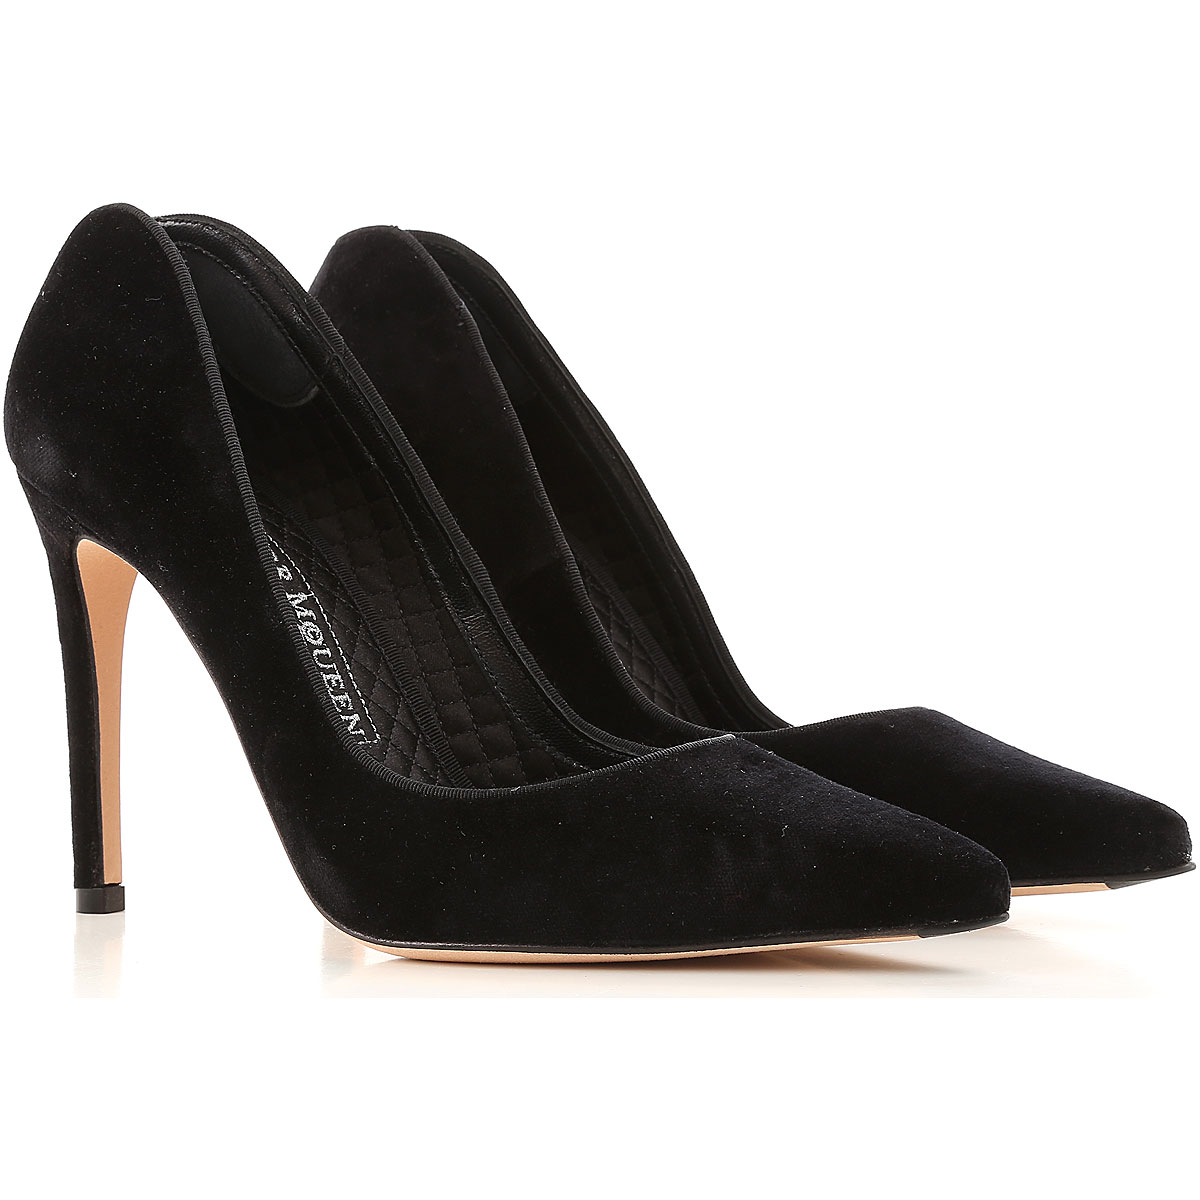 Image of Alexander McQueen Pumps & High Heels for Women On Sale, Black, Velvet, 2017, 10 5 6.5 7 8 8.5 9